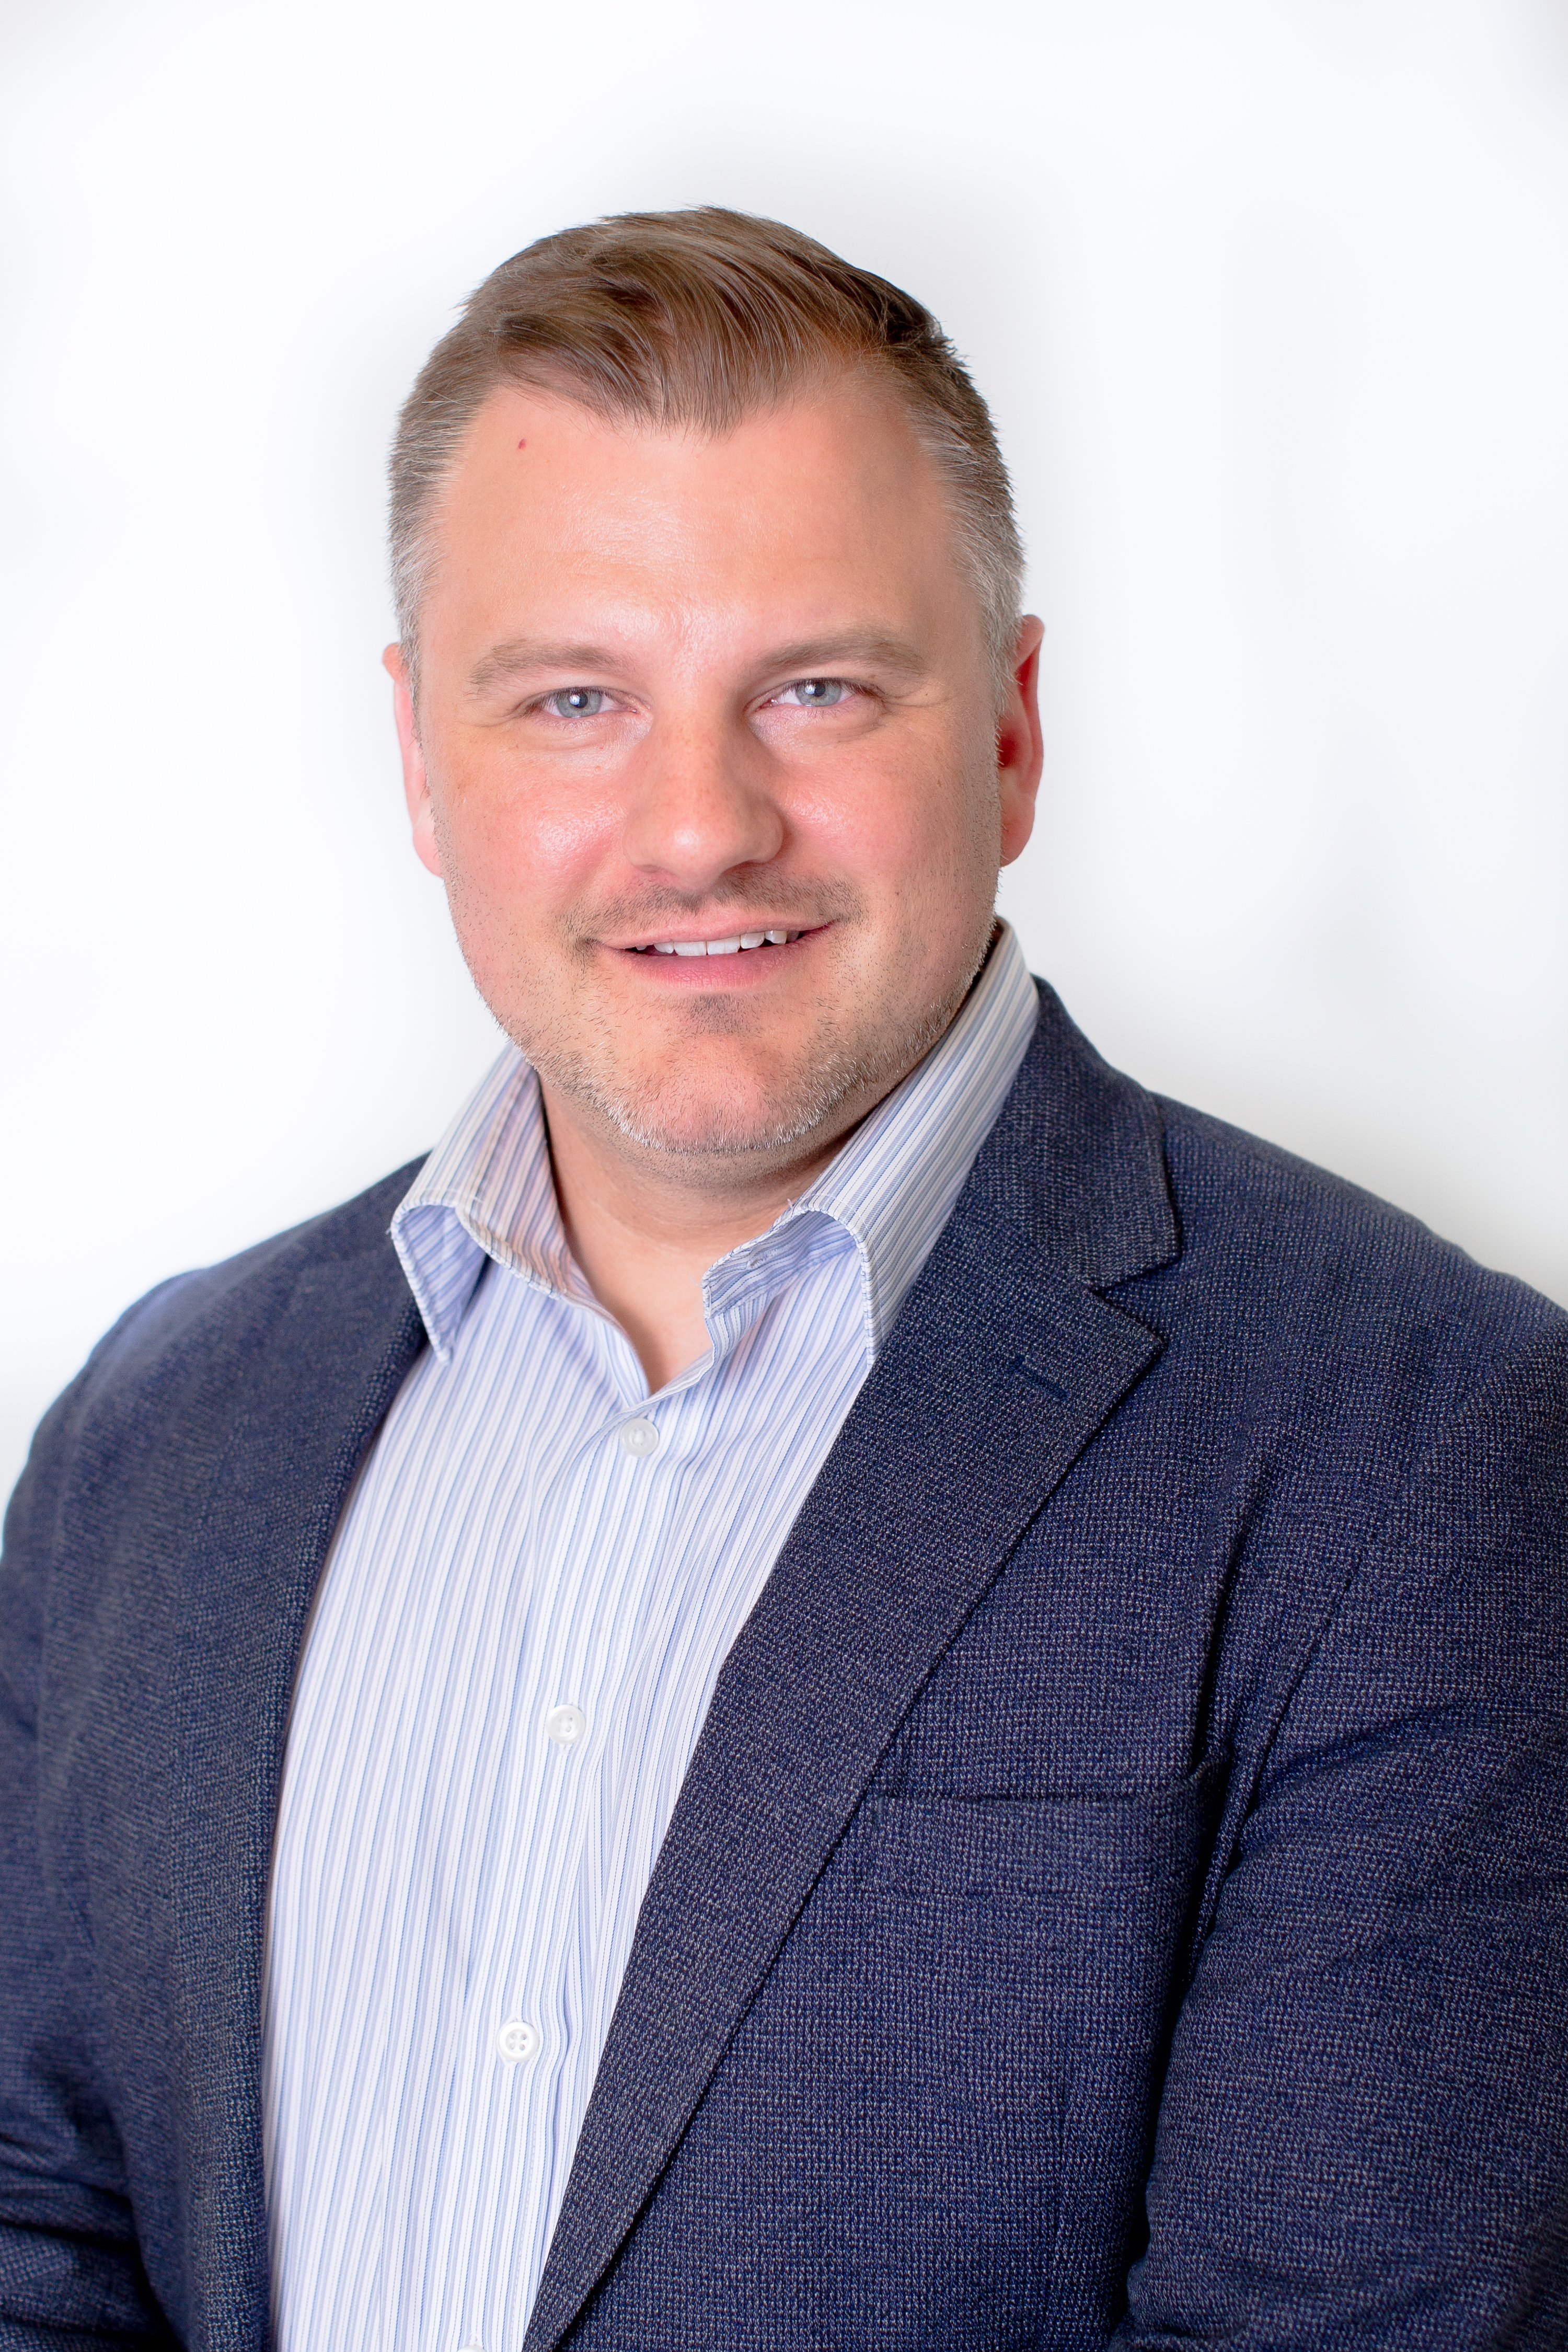 Matt Schellenberger, Director